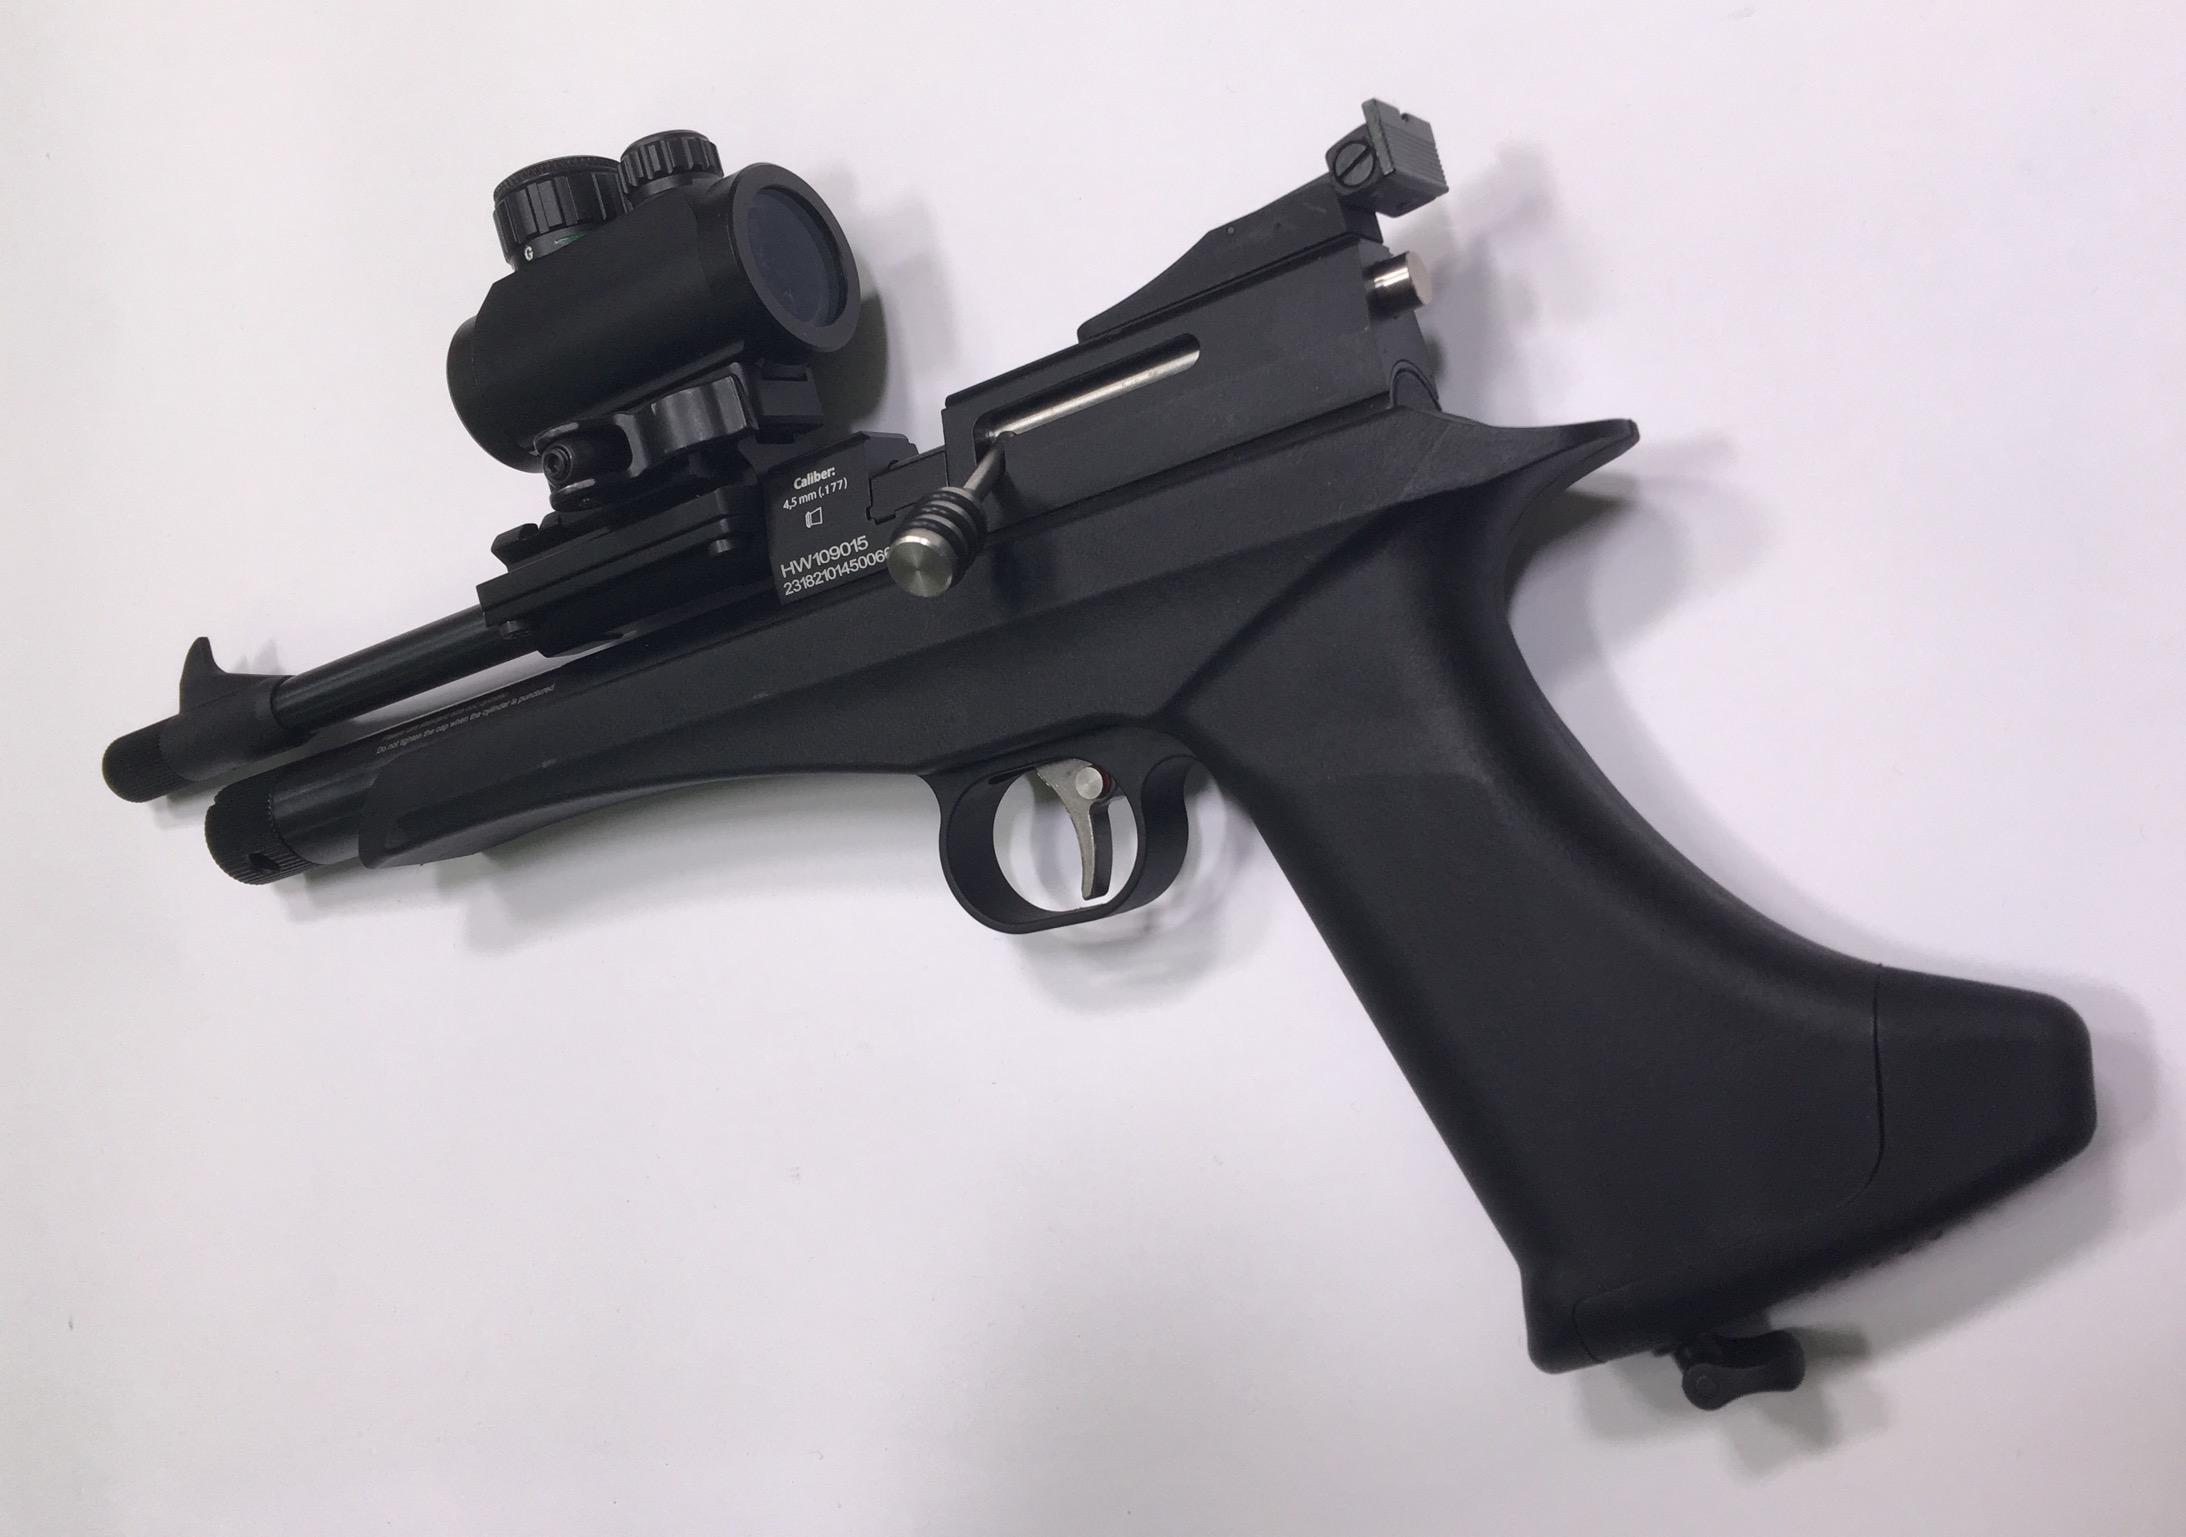 Bei diesem Komplettangeboten mit der Diana Chaser CO2 Pistole ist die Montagebasis für die Optik mittels extra angefertigter Ausgleichschalen befestigt.